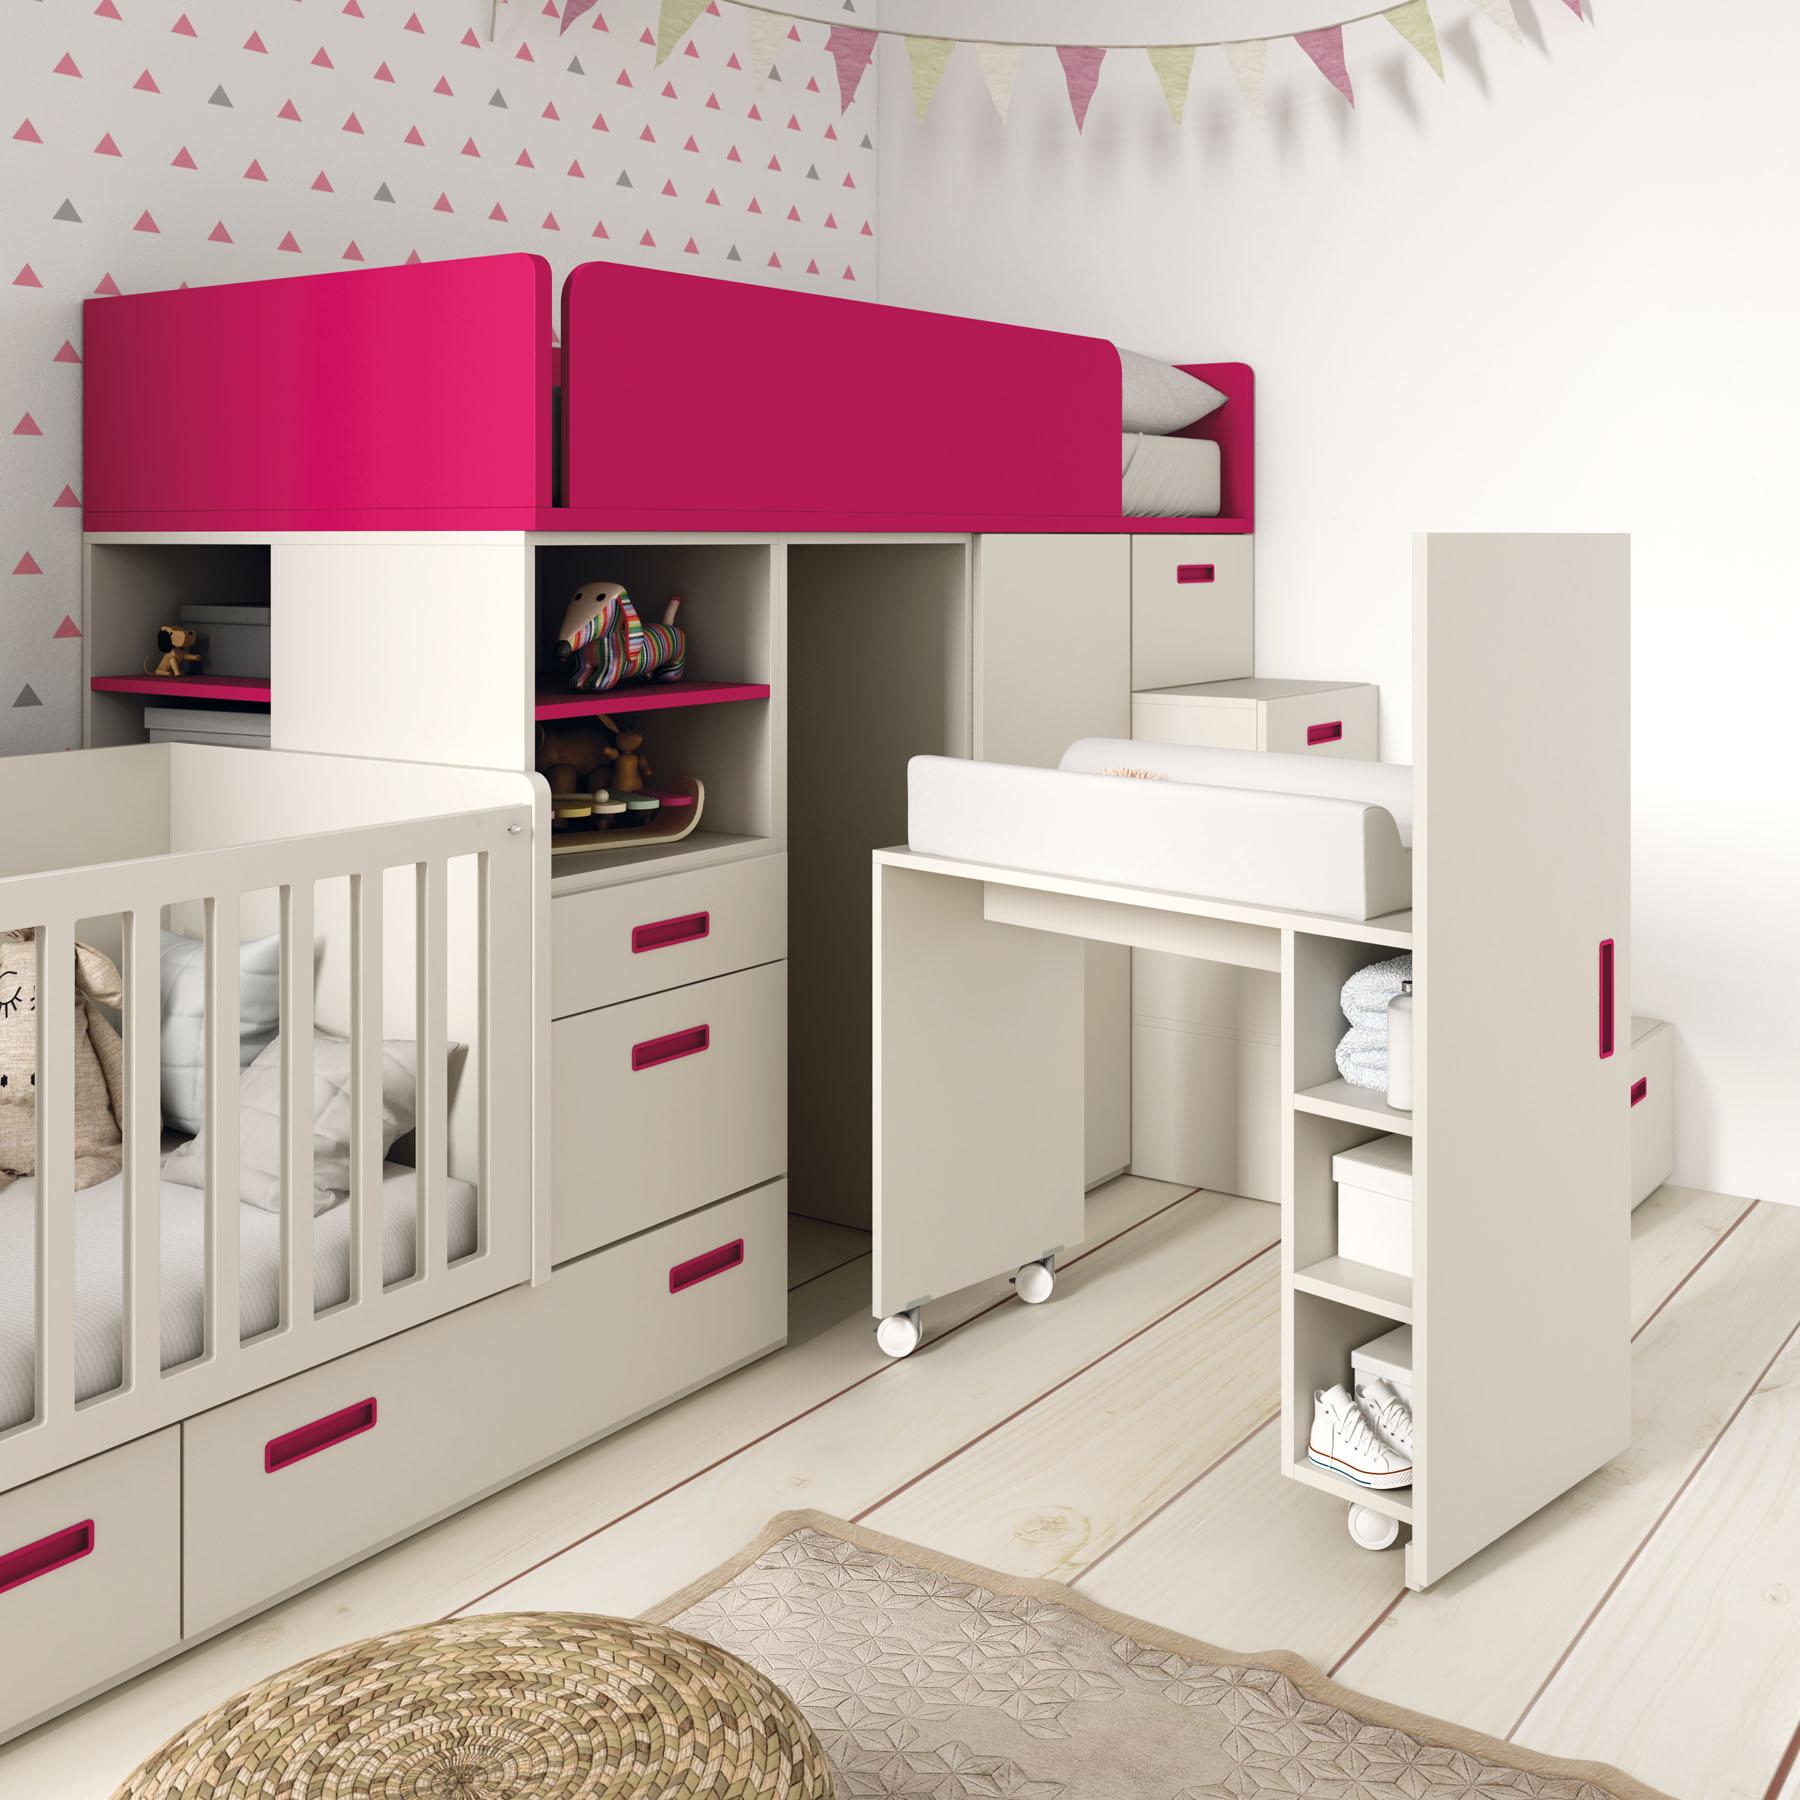 Muebles Covertibles ~ Obtenga ideas Diseño de muebles para su hogar ...